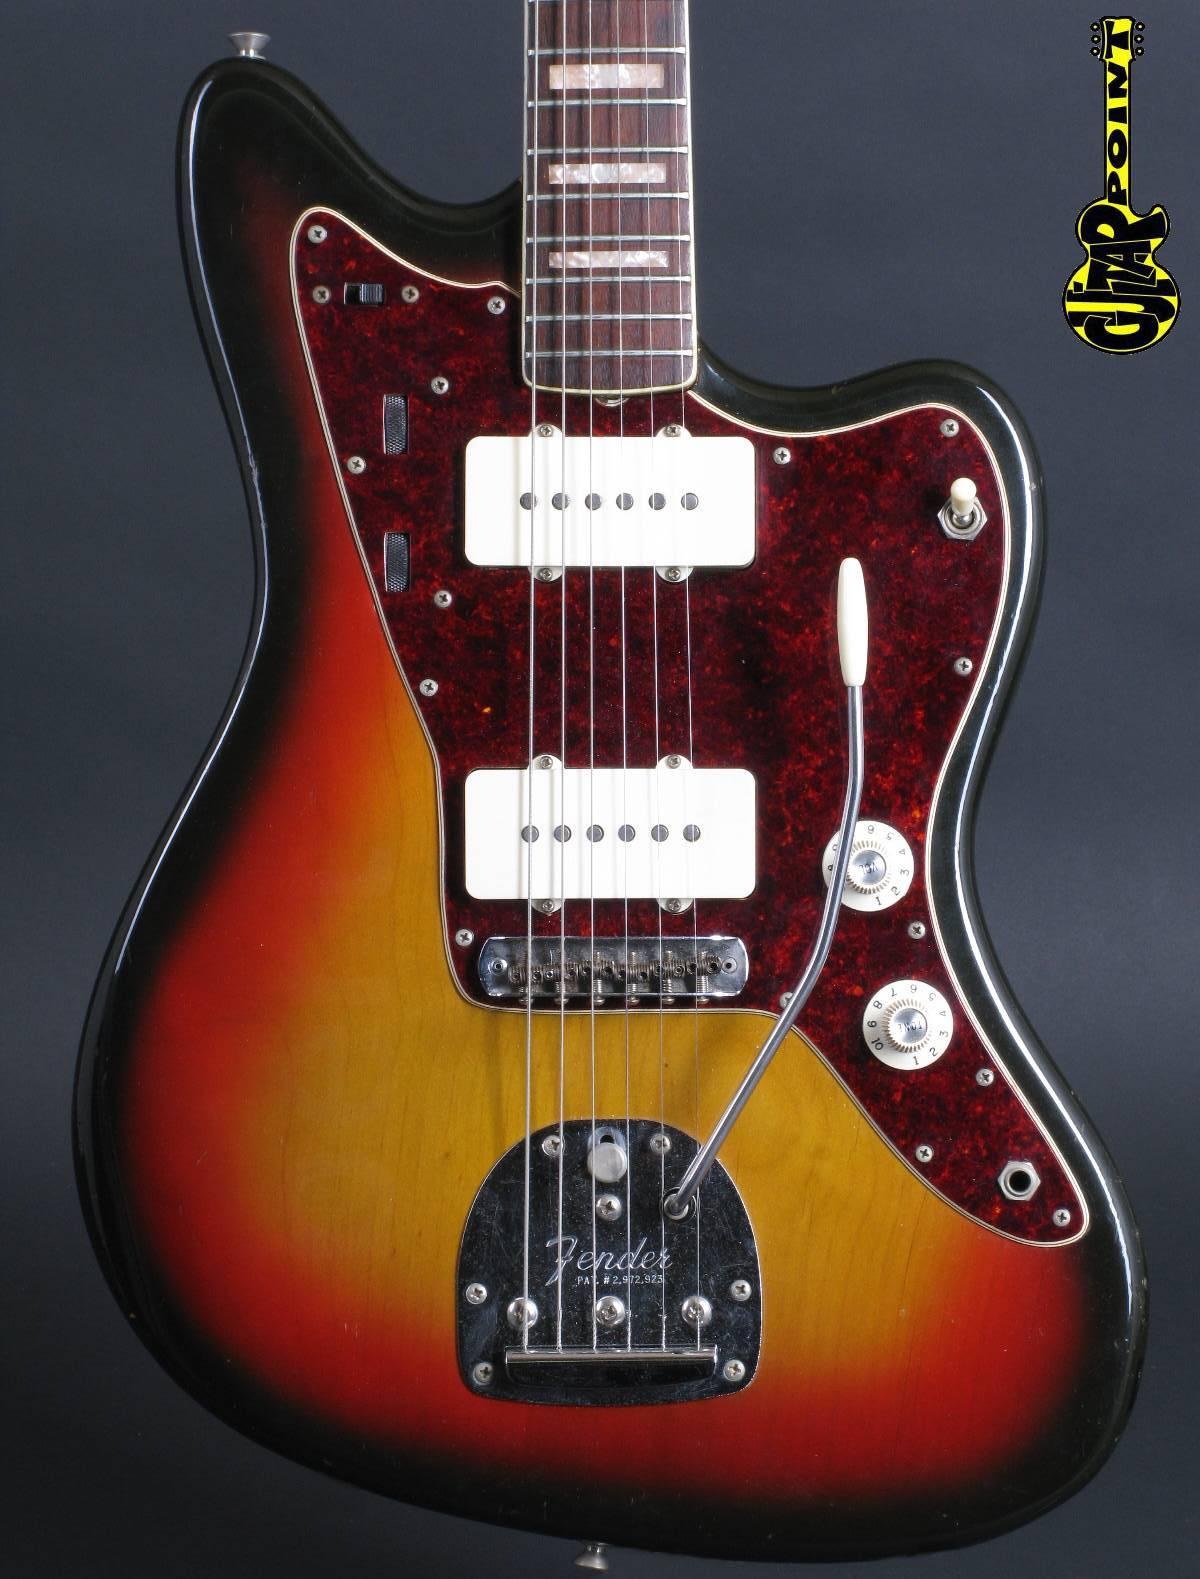 1969 Fender Jazzmaster - 3-tone Sunburst